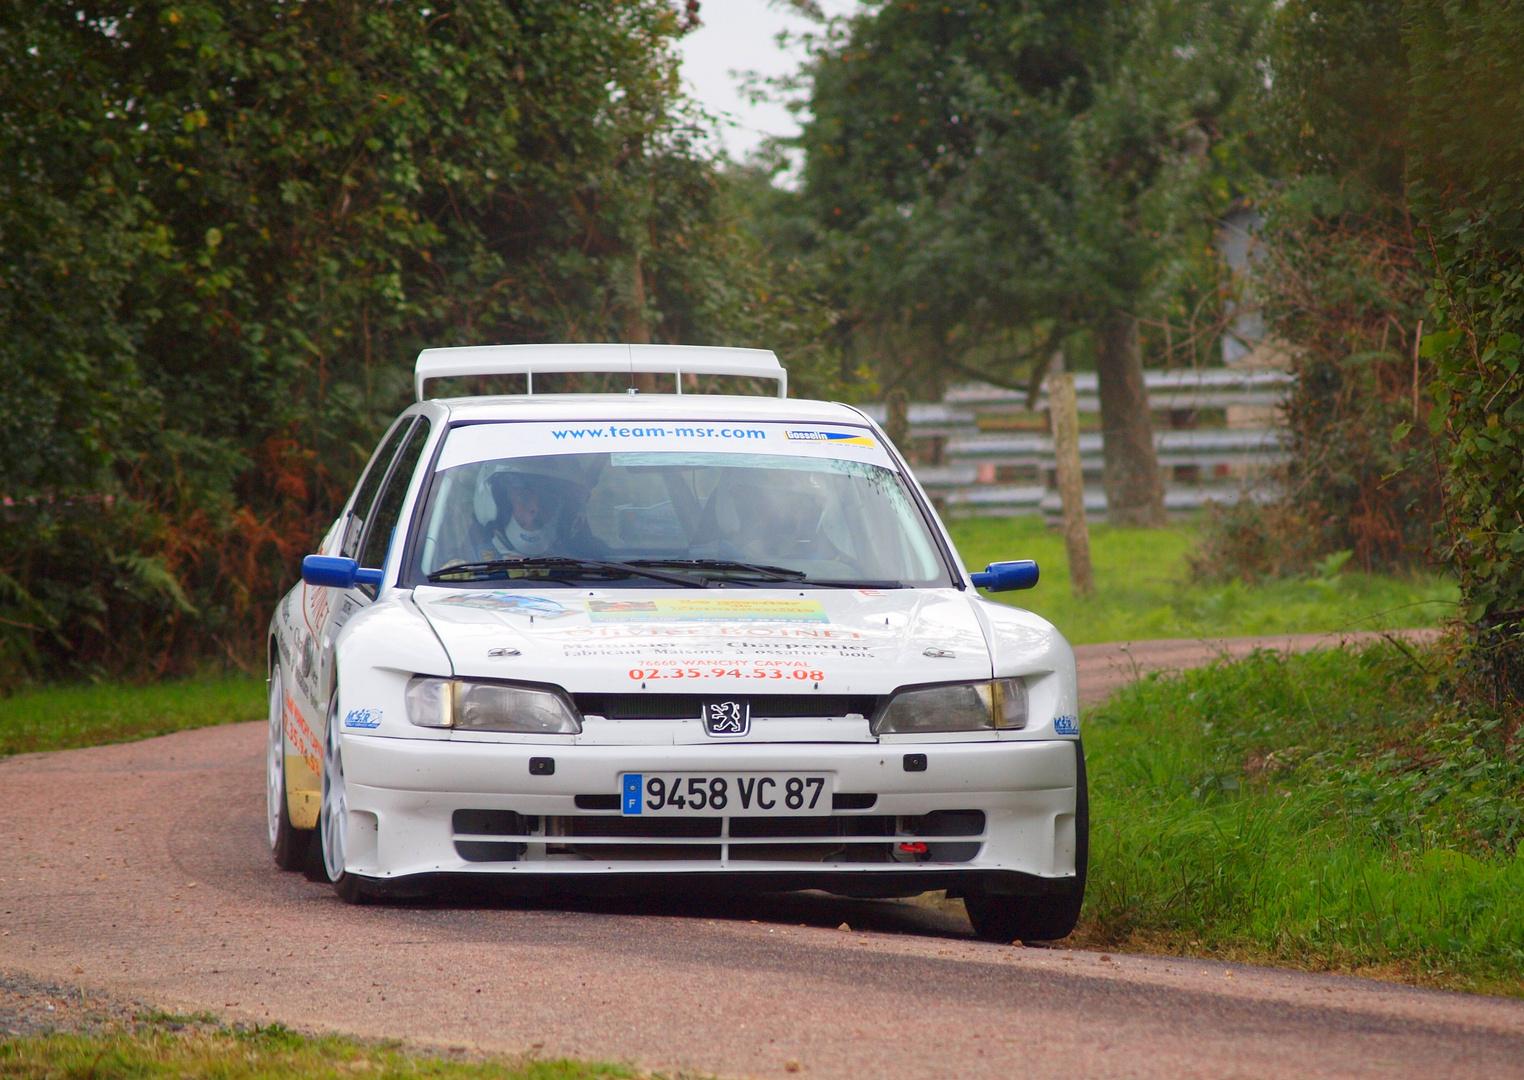 Rallye du Pays d'Auge (11 - 12 09 2010)